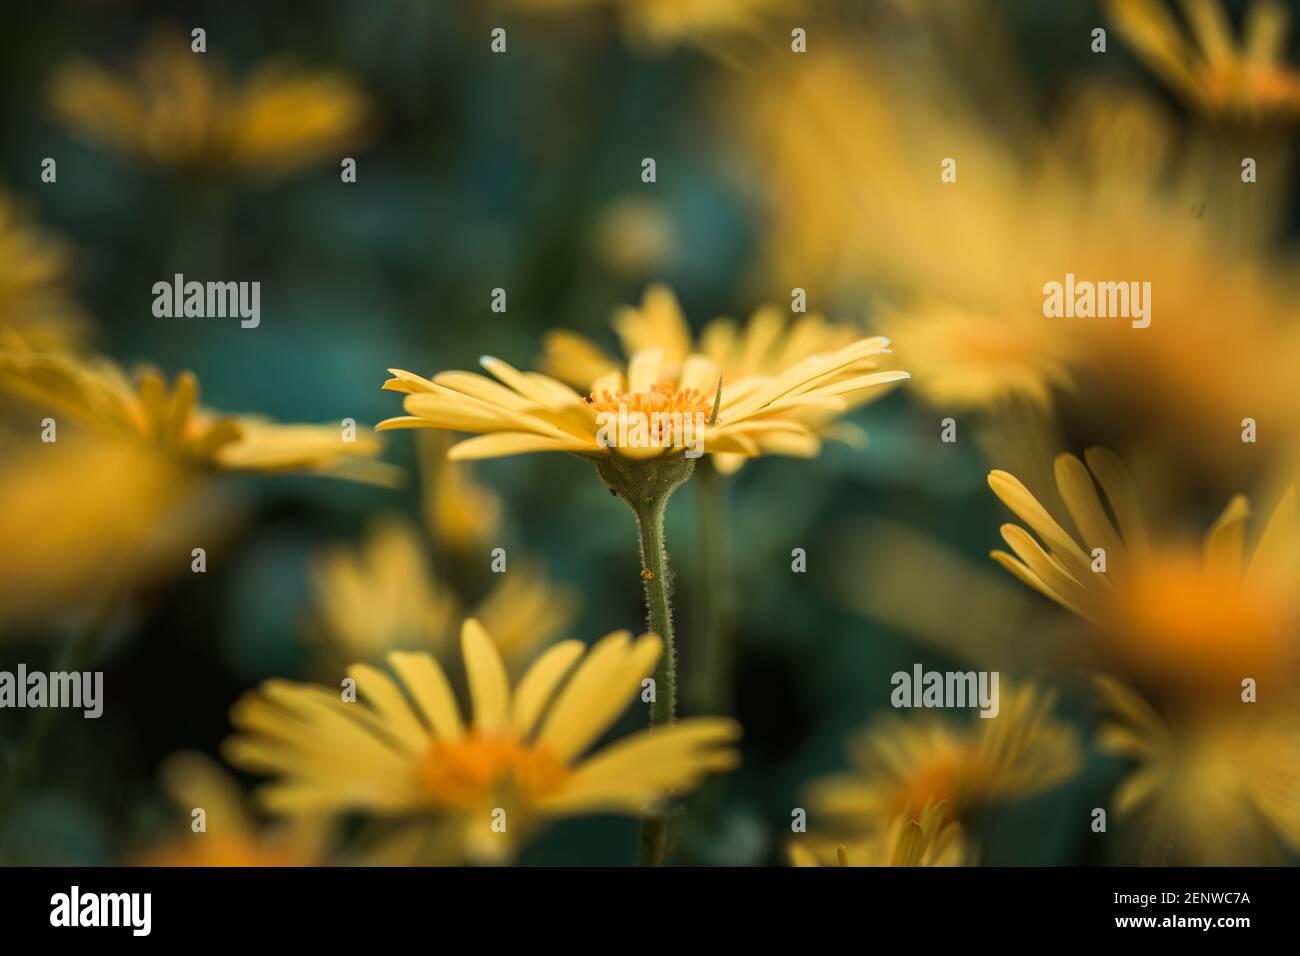 Doronicum orientale fleur jaune gros plan. Également connu sous le nom de fleurs de louvard. Marguerite comme une fleur, arrière-plan moody. Banque D'Images